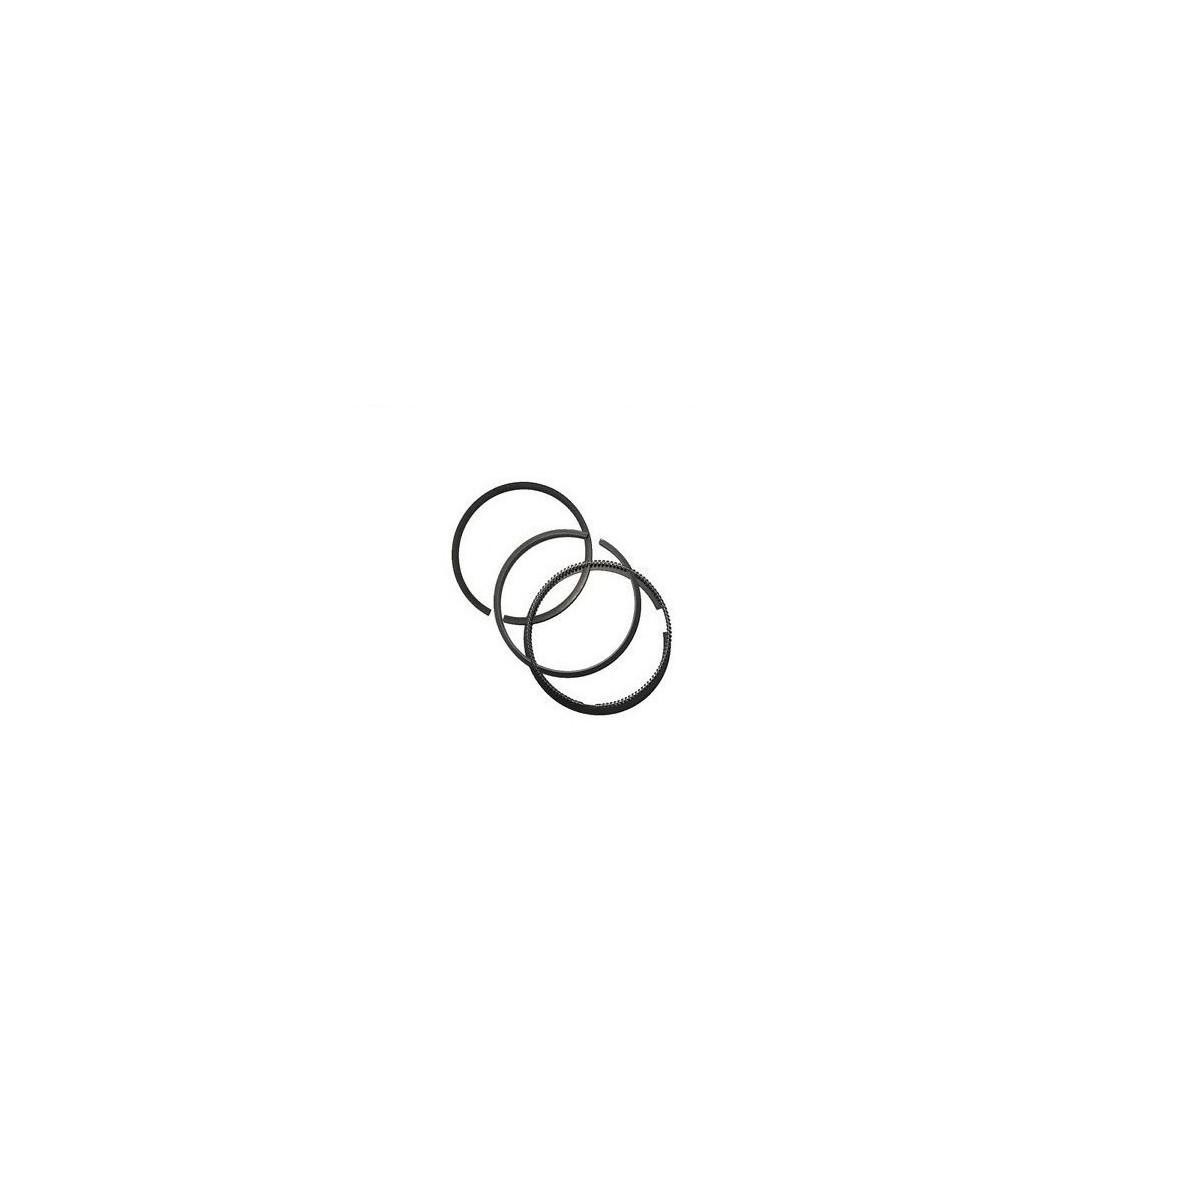 Zestaw pierścieni do tłoka 82mm Yanmar YM2010 3000 721250-22500